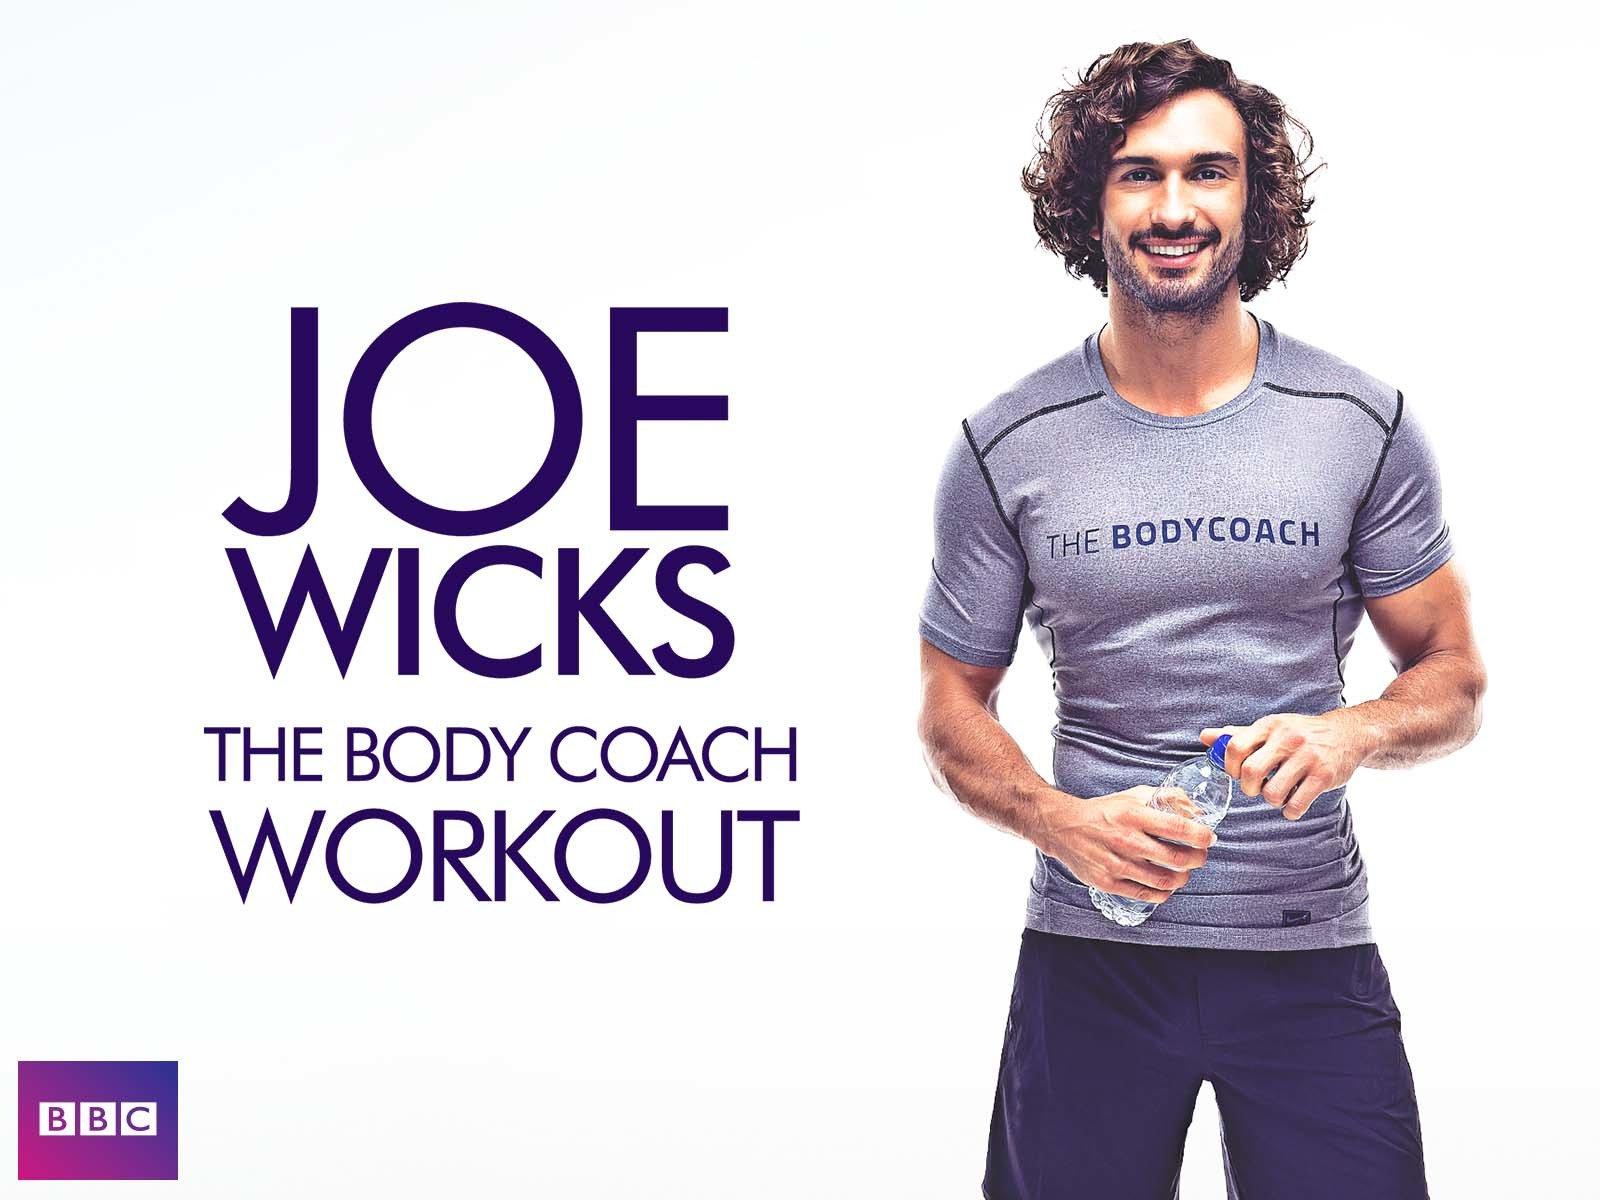 PE with Joe Wicks's logo